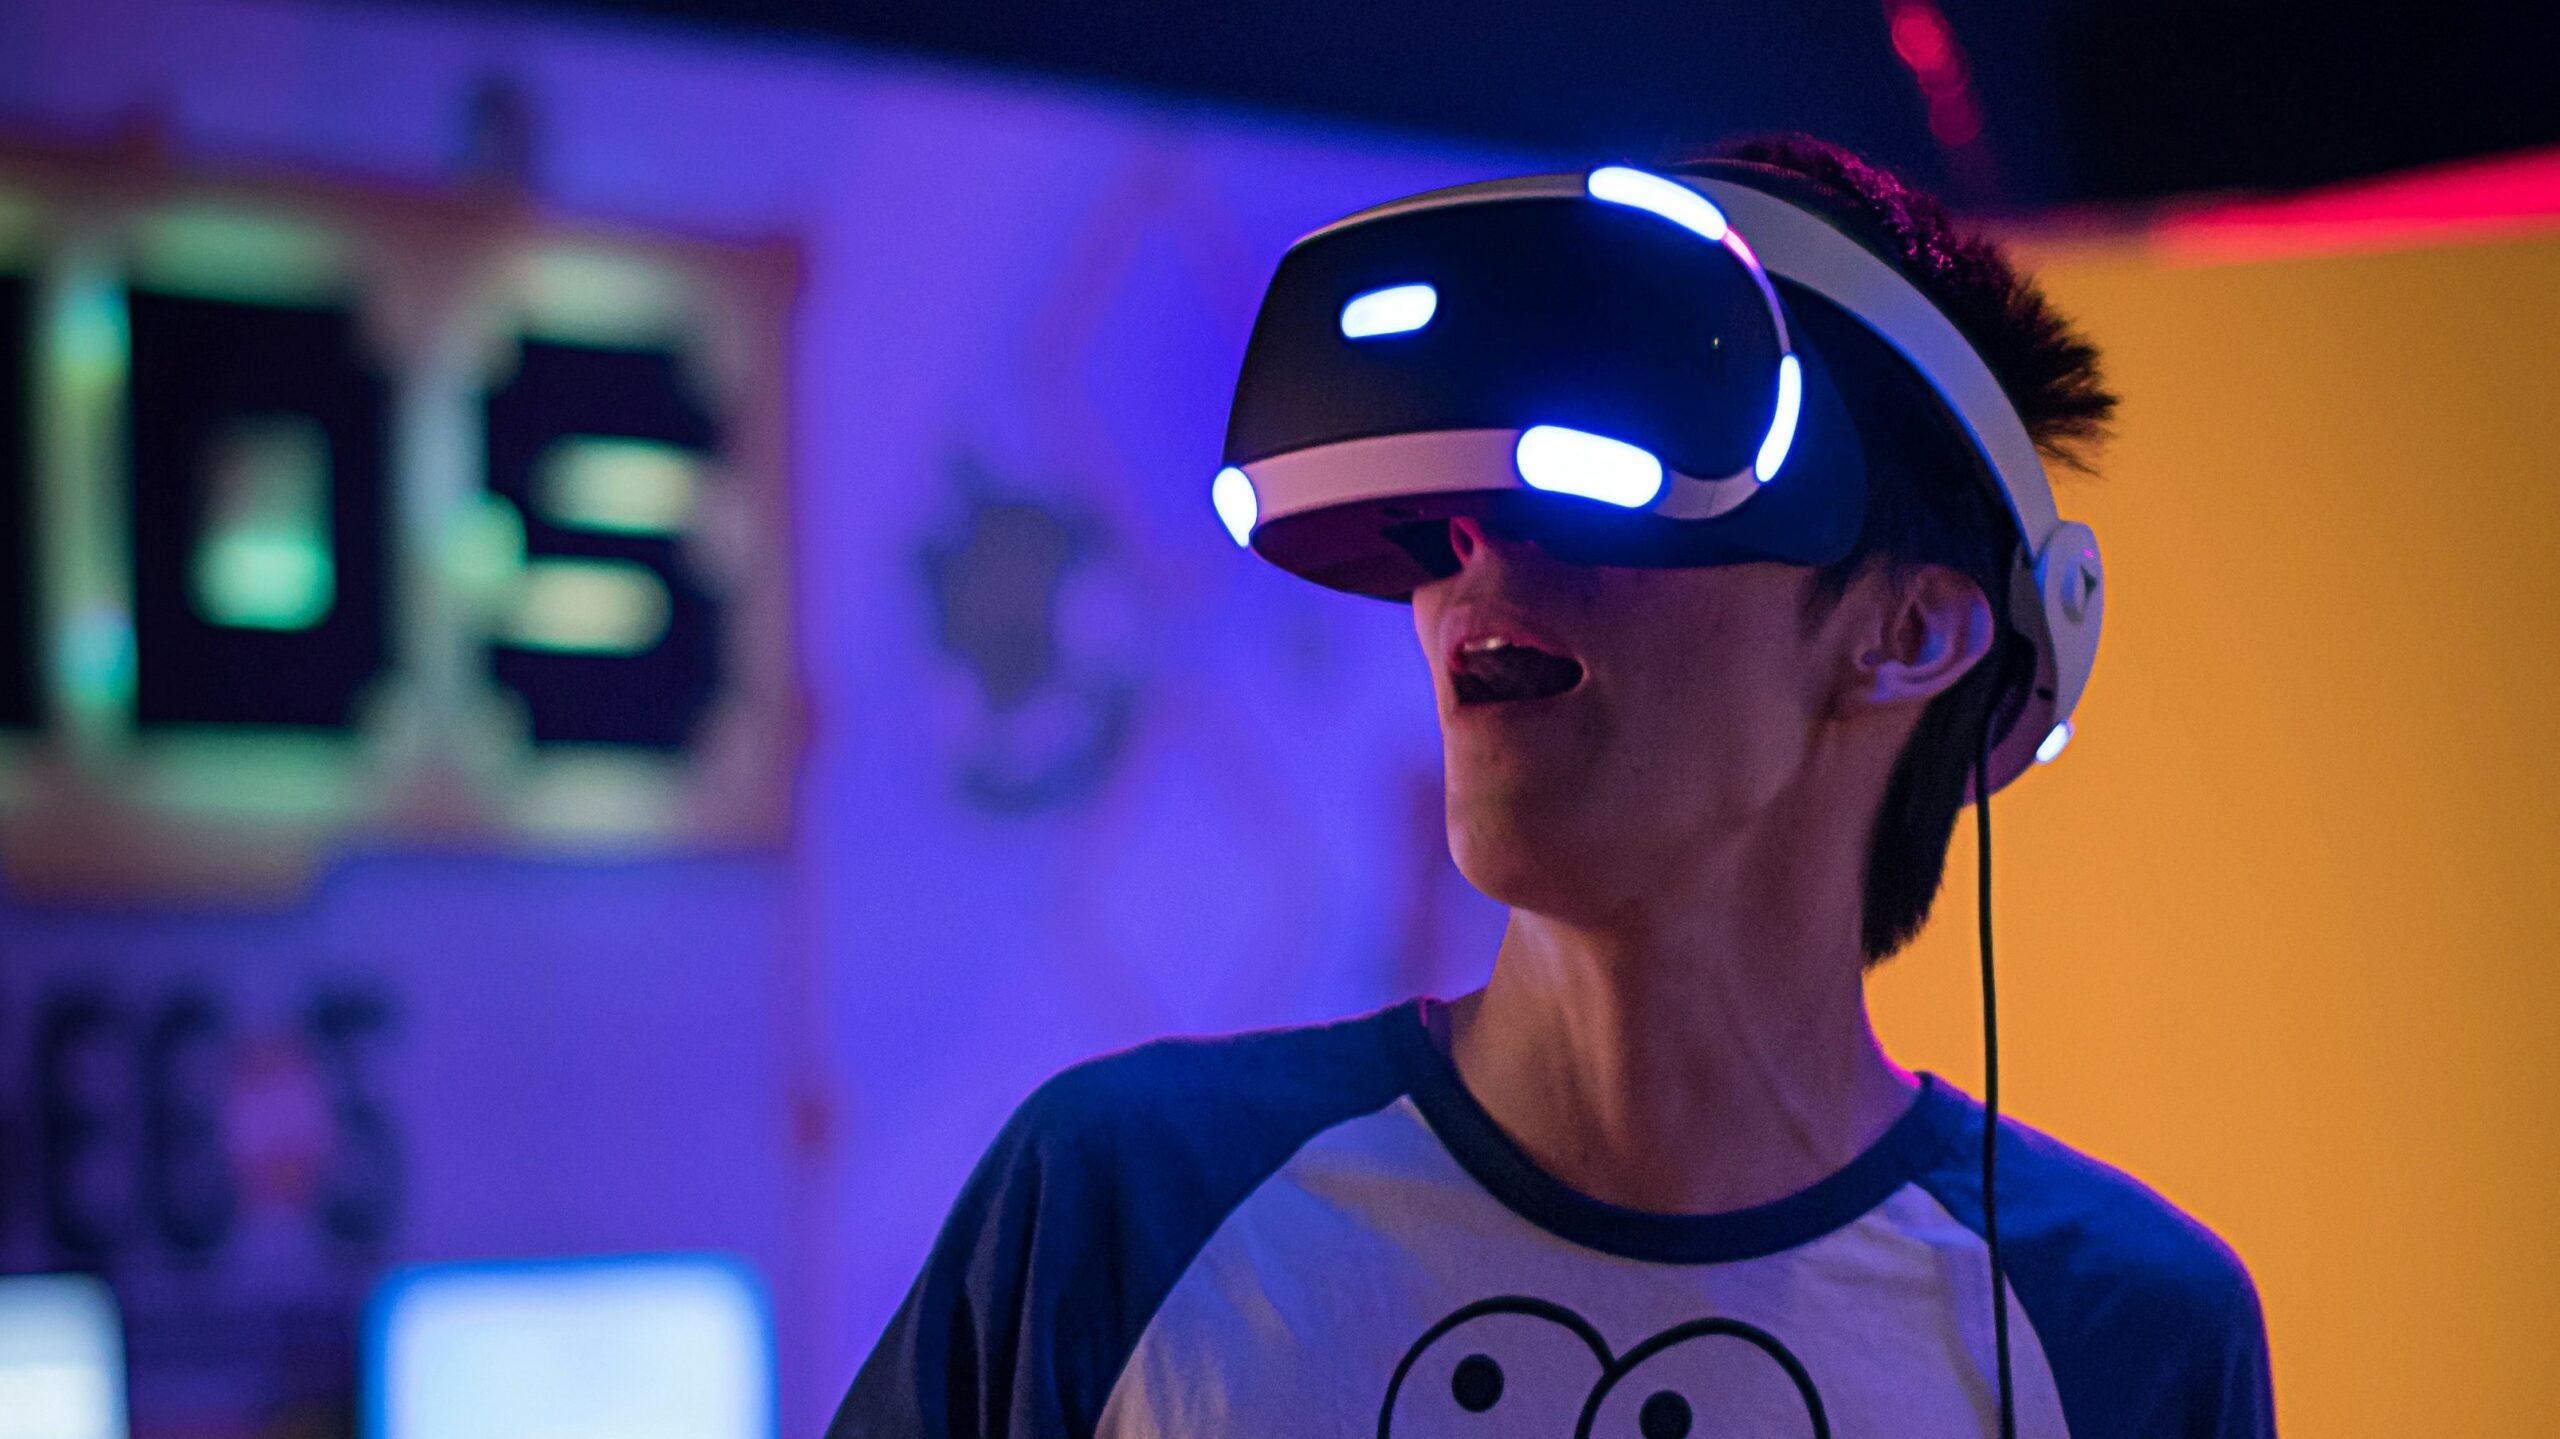 mężczyzna z założonymi na oczy okularami wirtualnej rzeczywistości